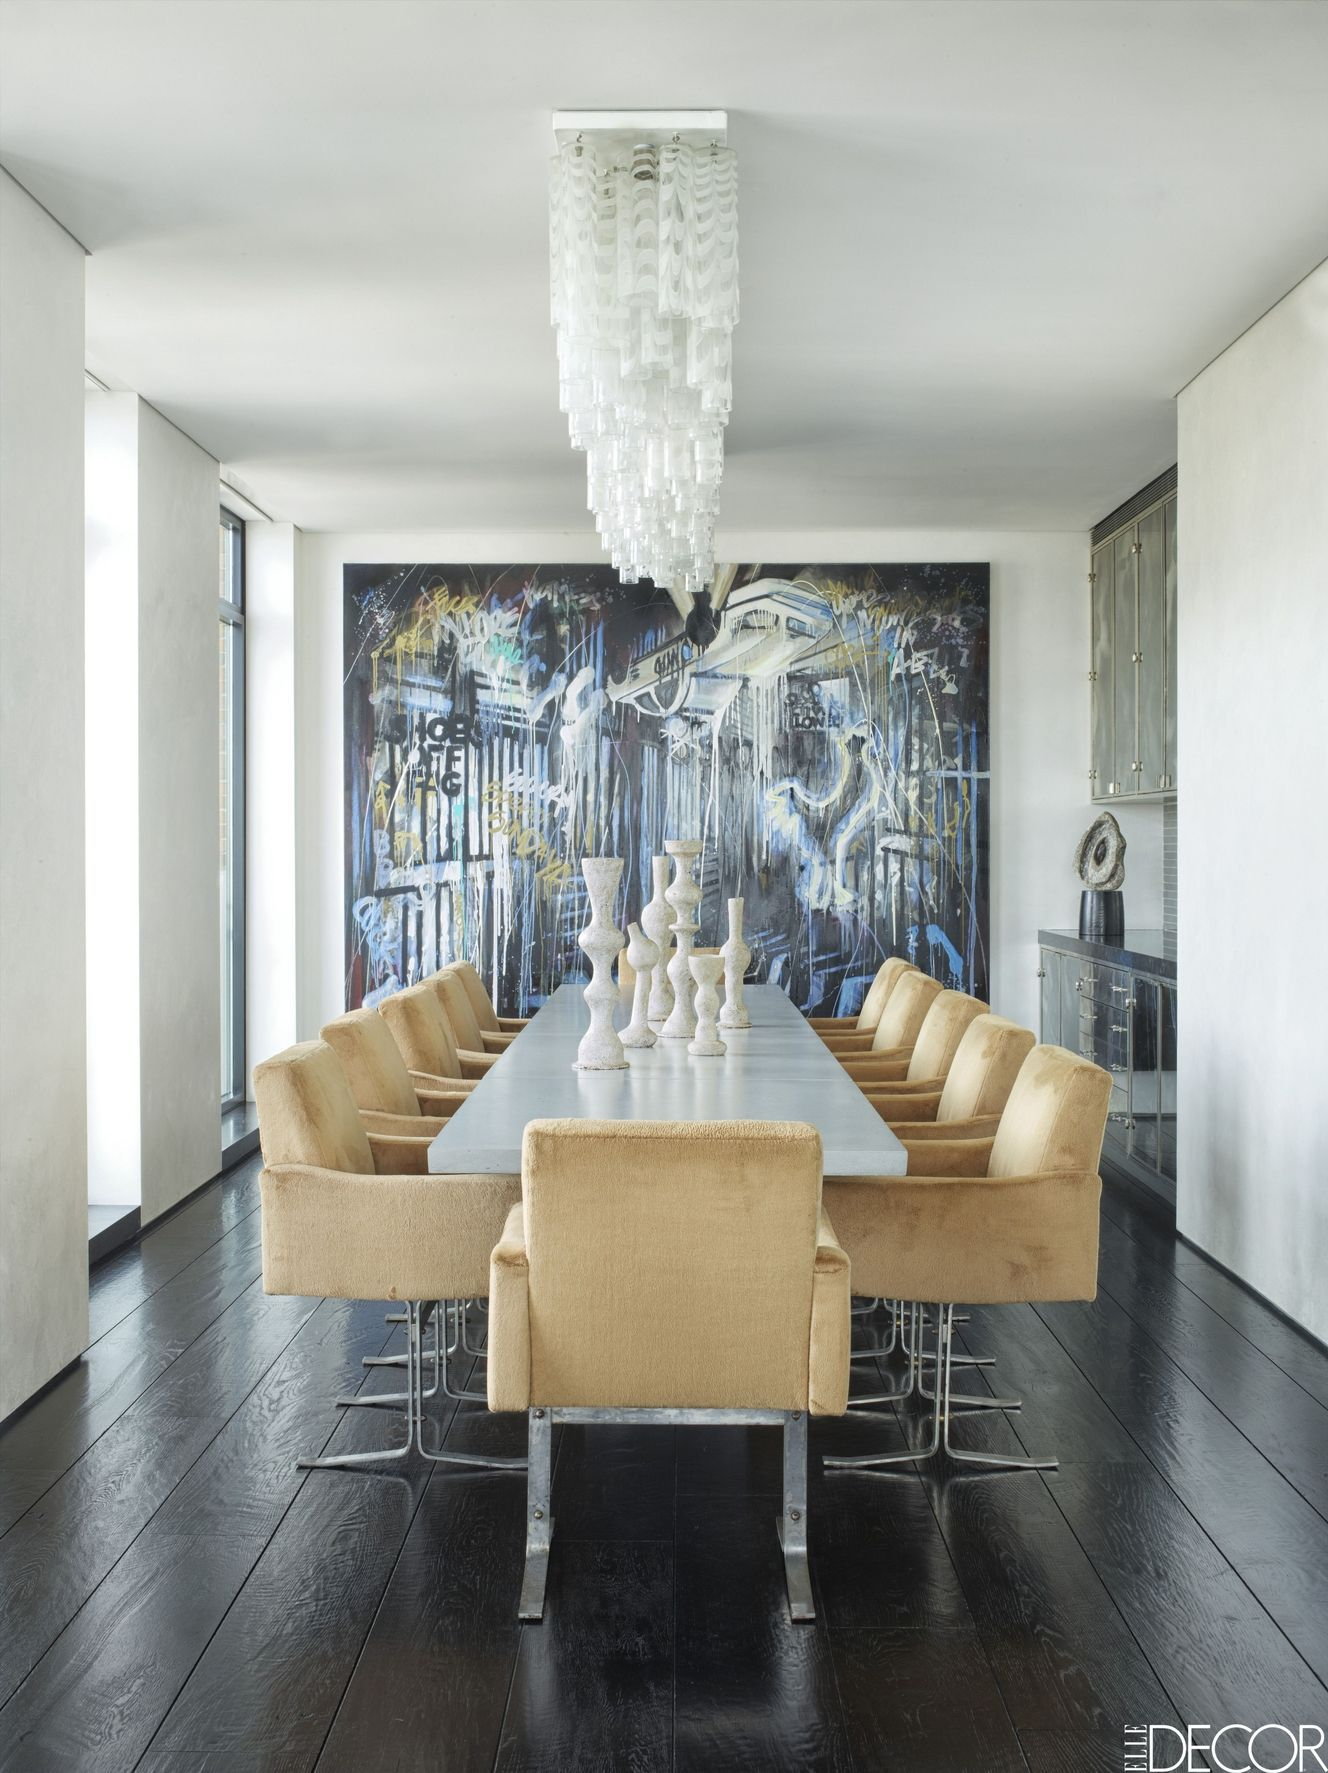 Dining room lighting modern 20 dining room lights - best dining room lighting ideas BPOSUGJ